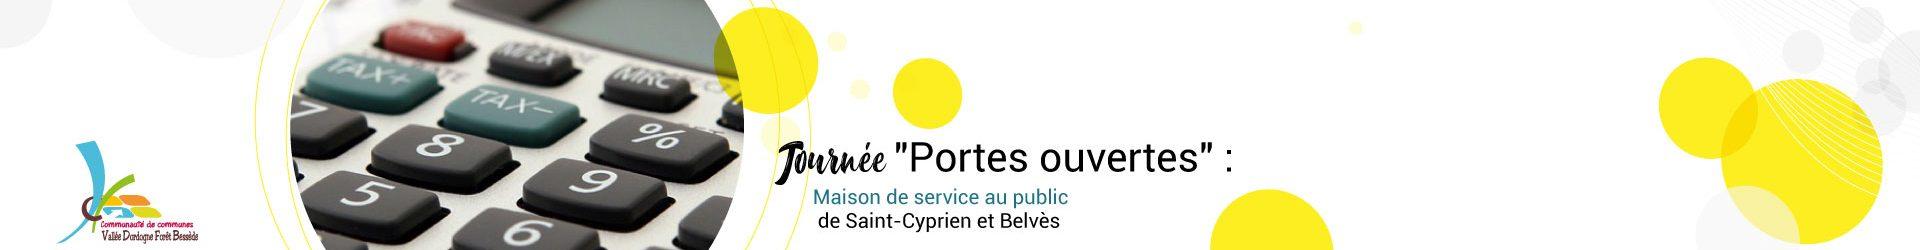 Journée portes ouvertes : Maison de services au public